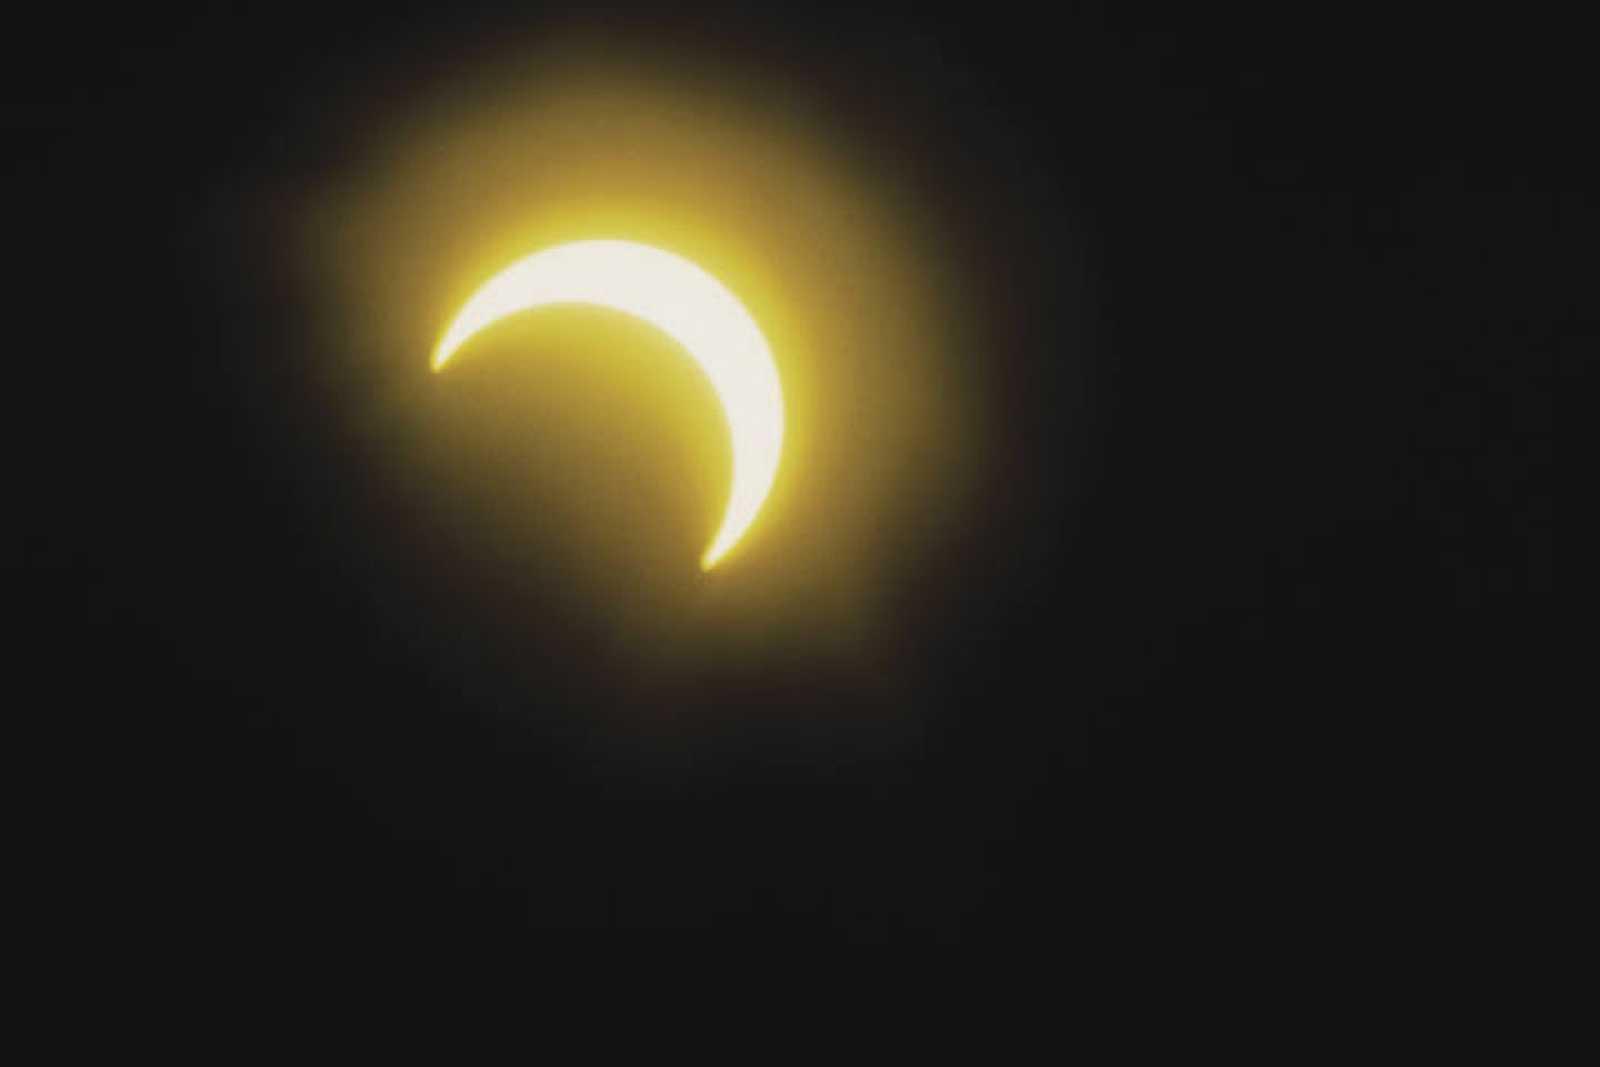 El Sol quedará cubierto por la Luna hasta un 85% en algunas regiones europeas